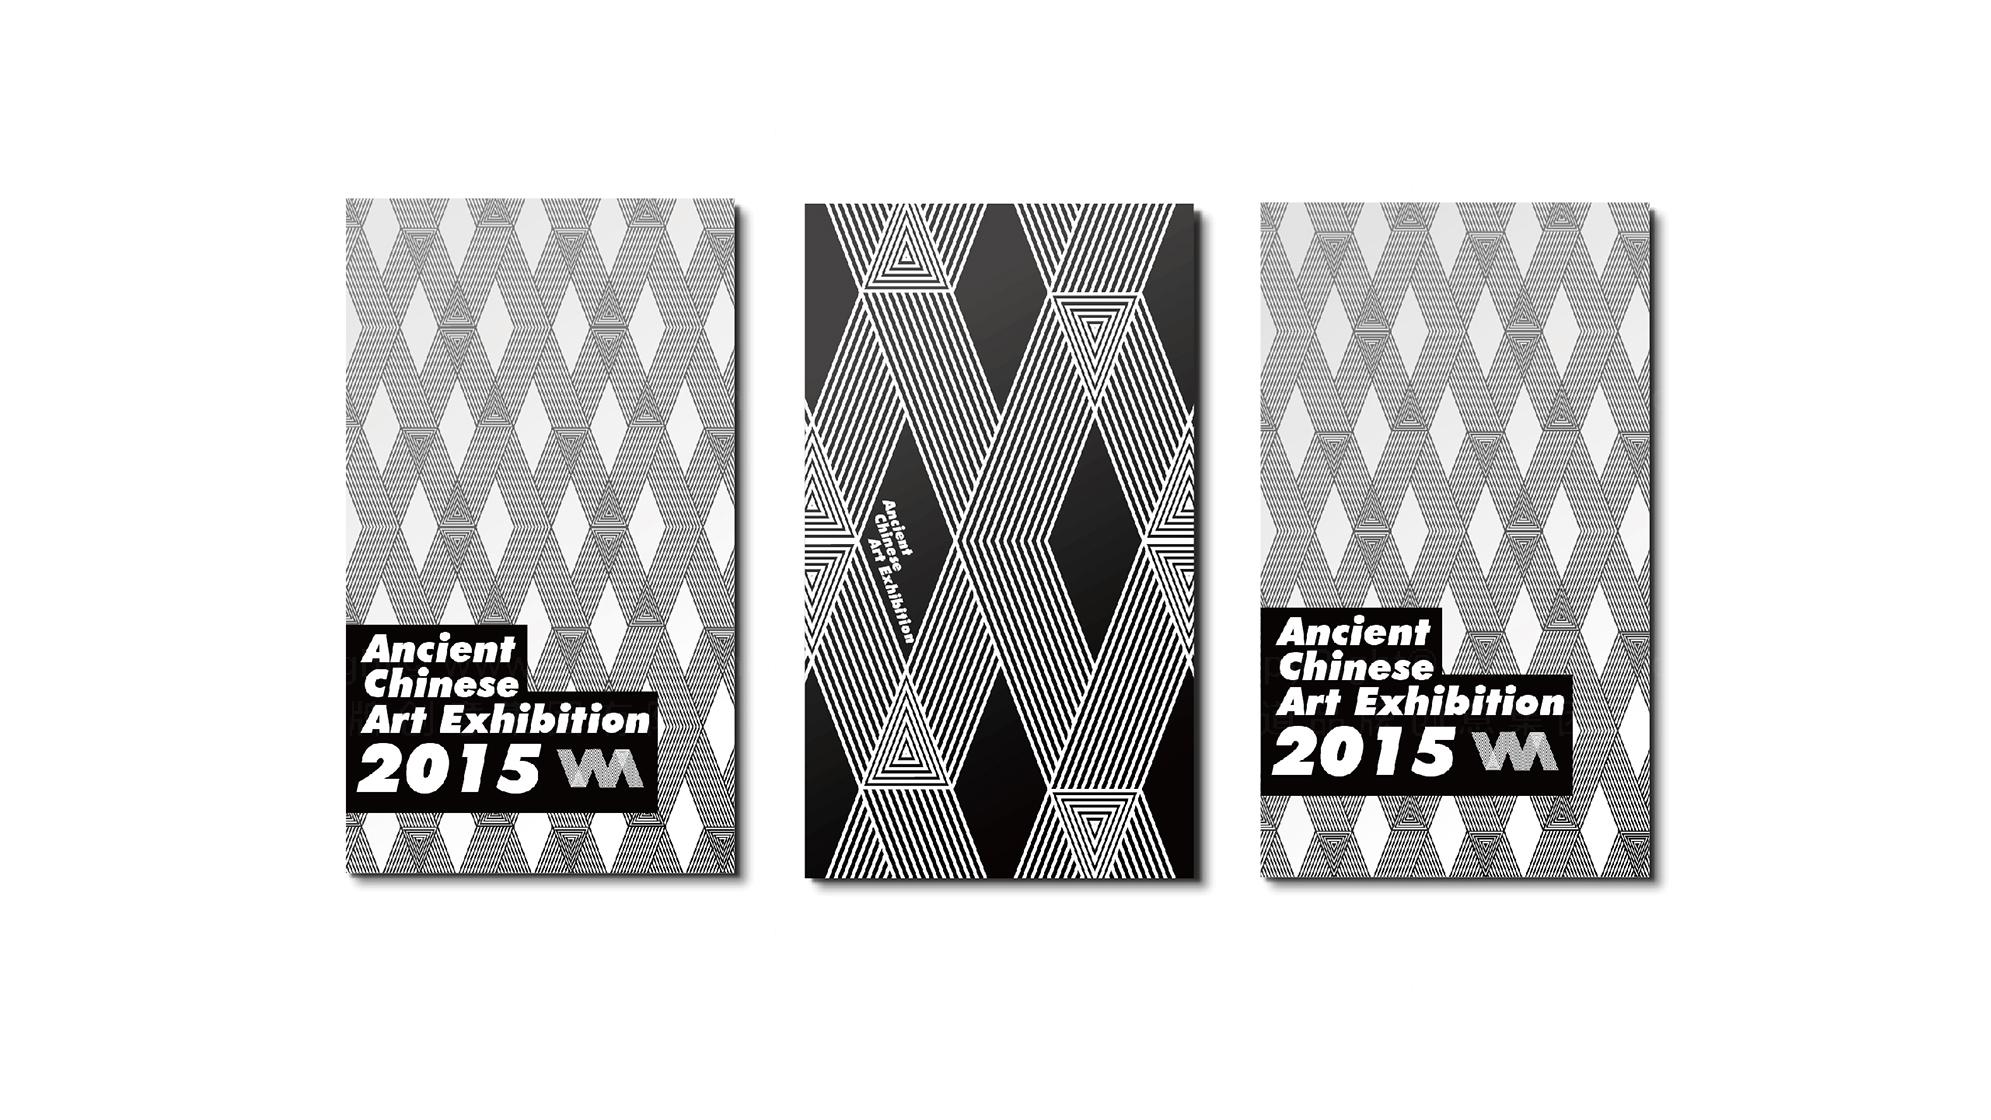 品牌设计武汉大学万林博物馆logo设计、vi设计应用场景_2